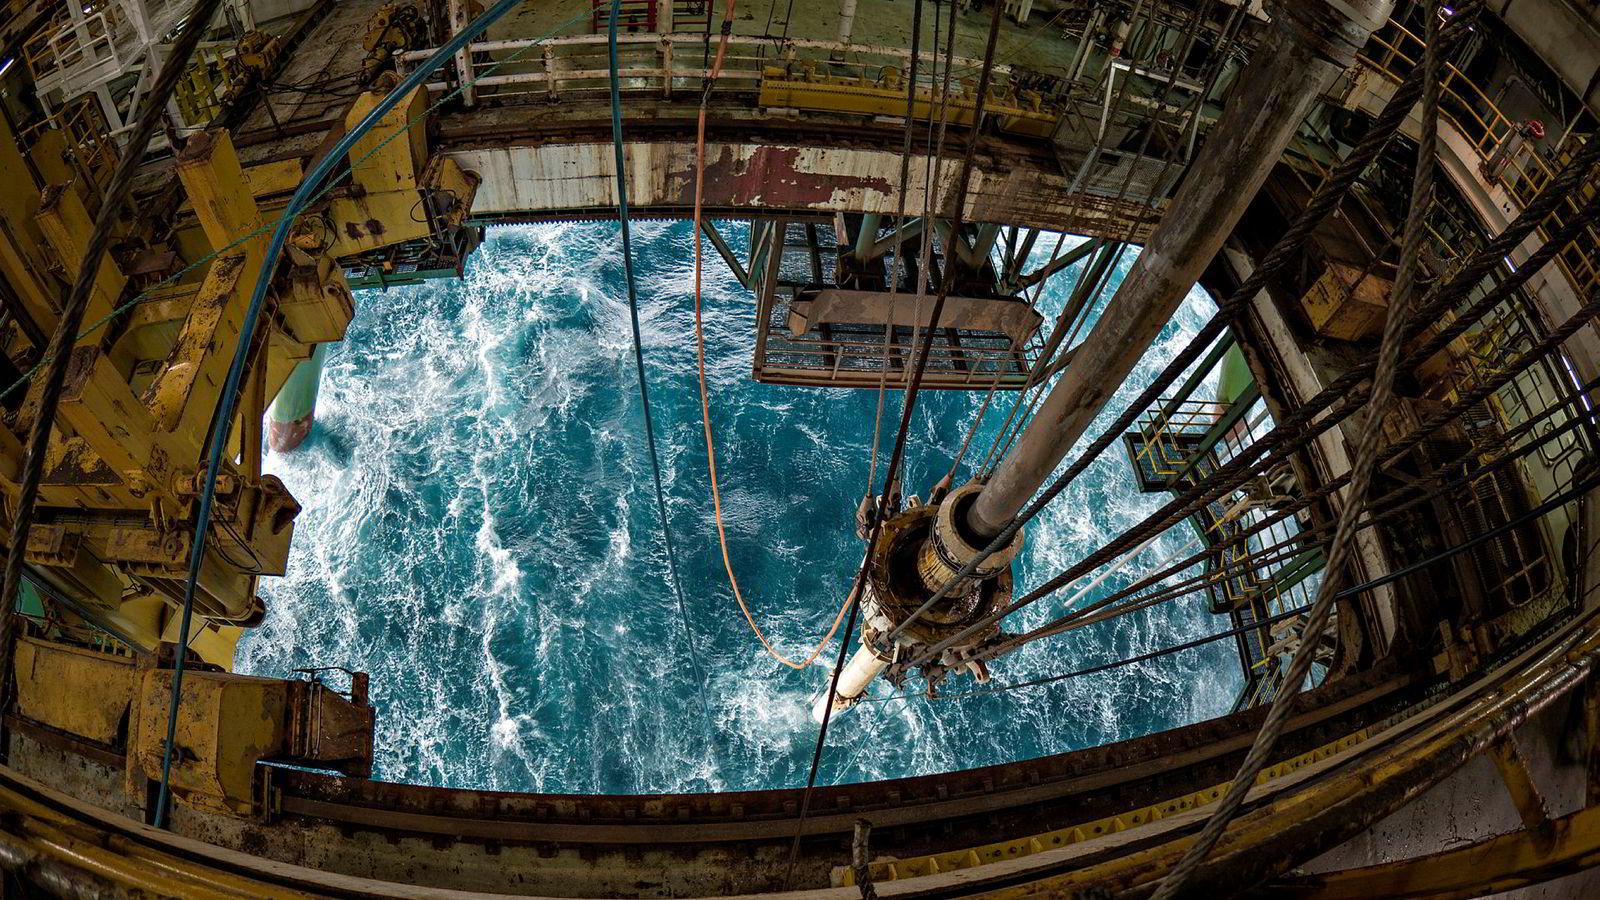 Det tidligere norske offshoreselskapet Ocean Rig blir kjøpt opp av Transocean. Ocean Rig-enheten «Leiv Eriksson», her fra Barentshavet der riggen drev avgrensningsboring for oljeselskapet Lundin i 2016.